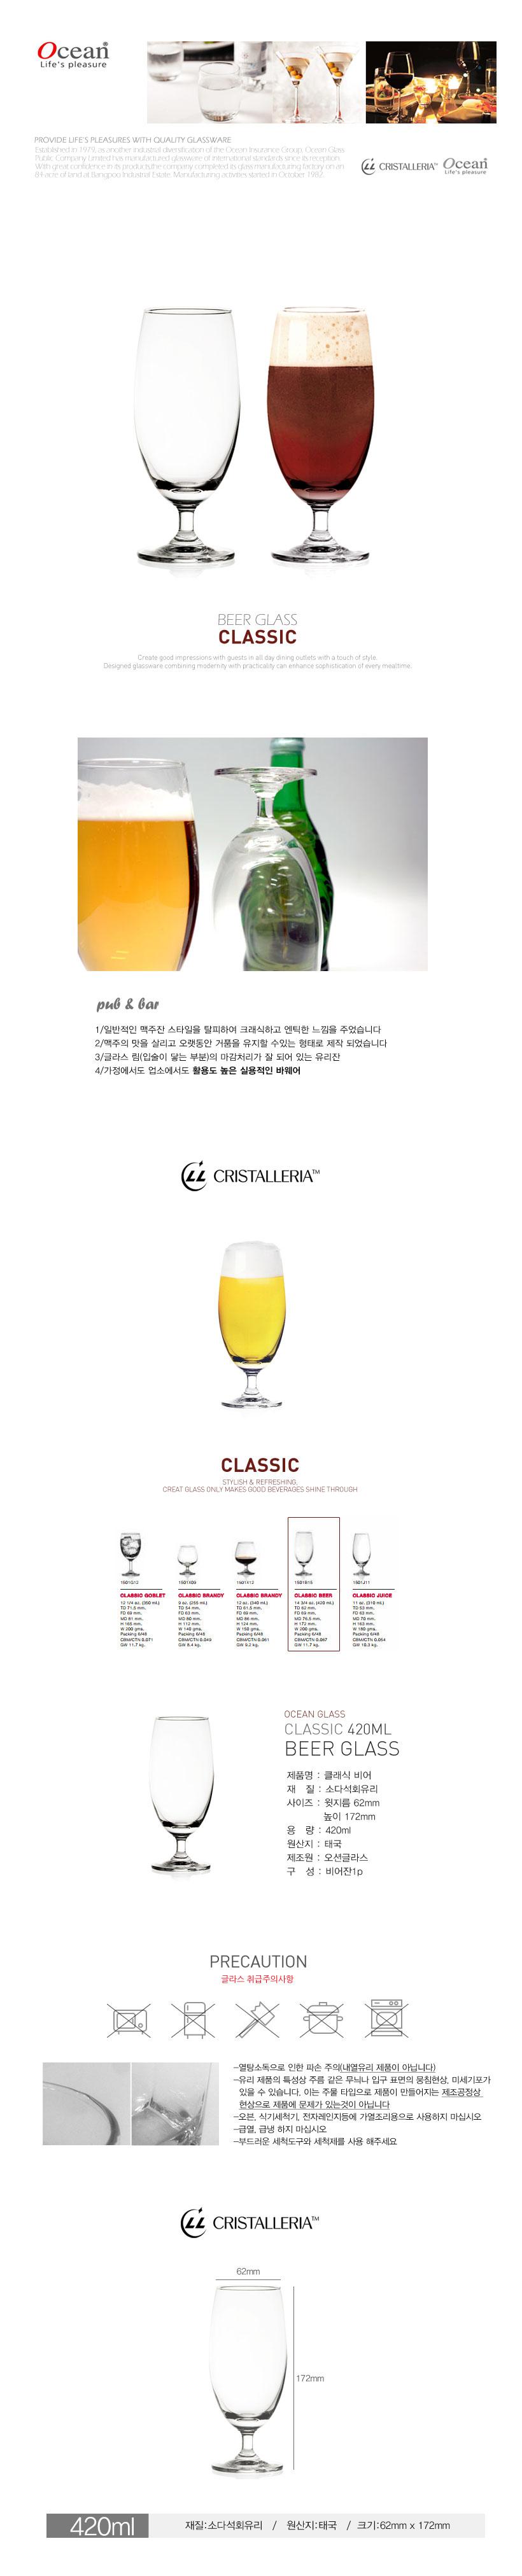 오션글라스 클래식 비어 맥주잔 420ml 1P - 재미있는생활, 4,500원, 유리컵/술잔, 유리컵